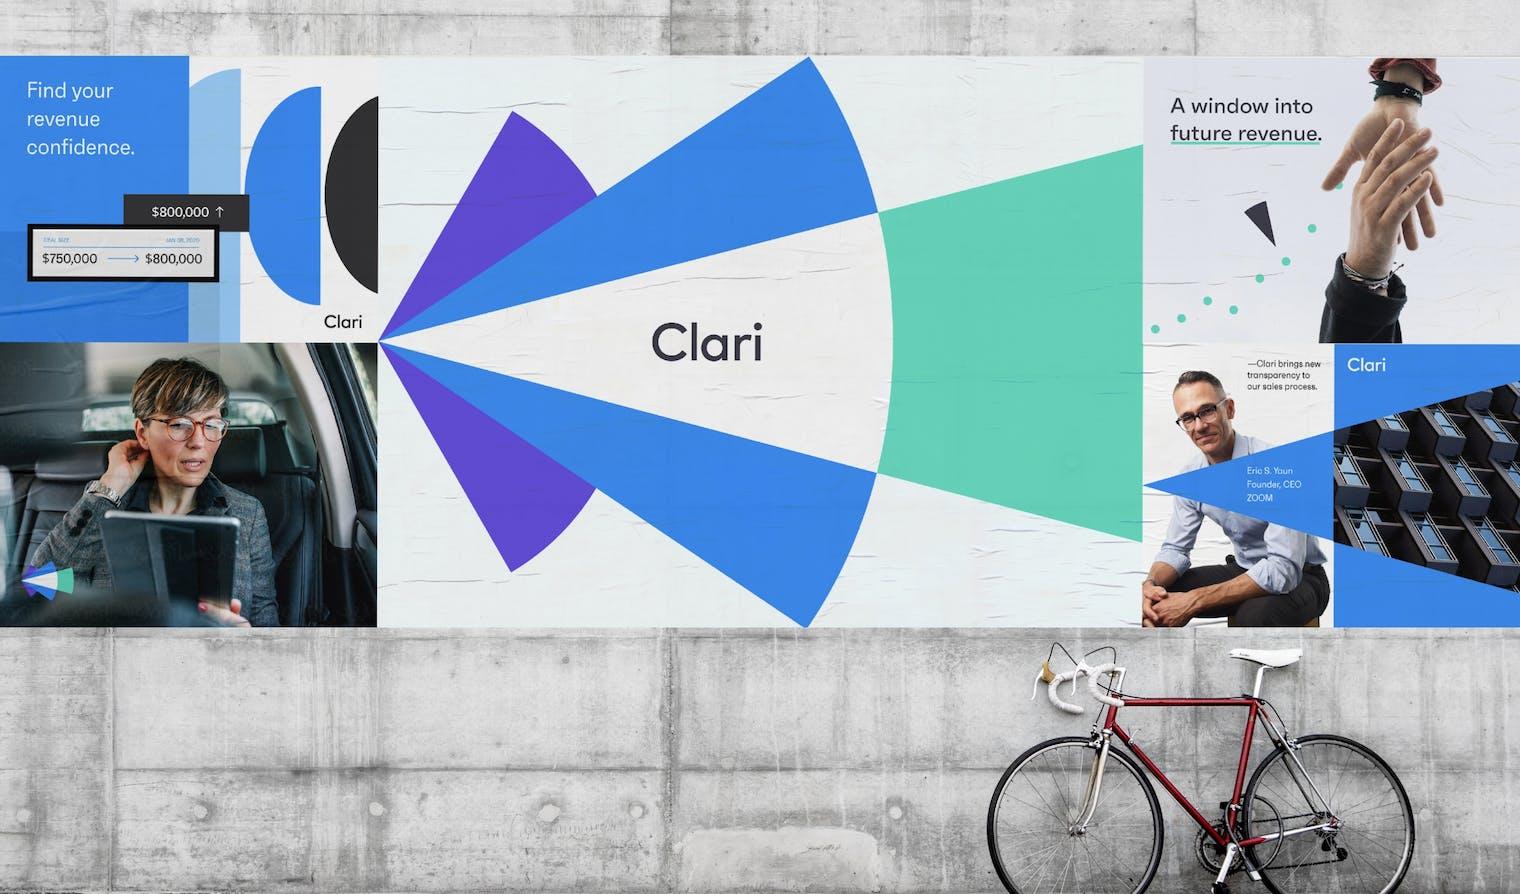 Clari cover